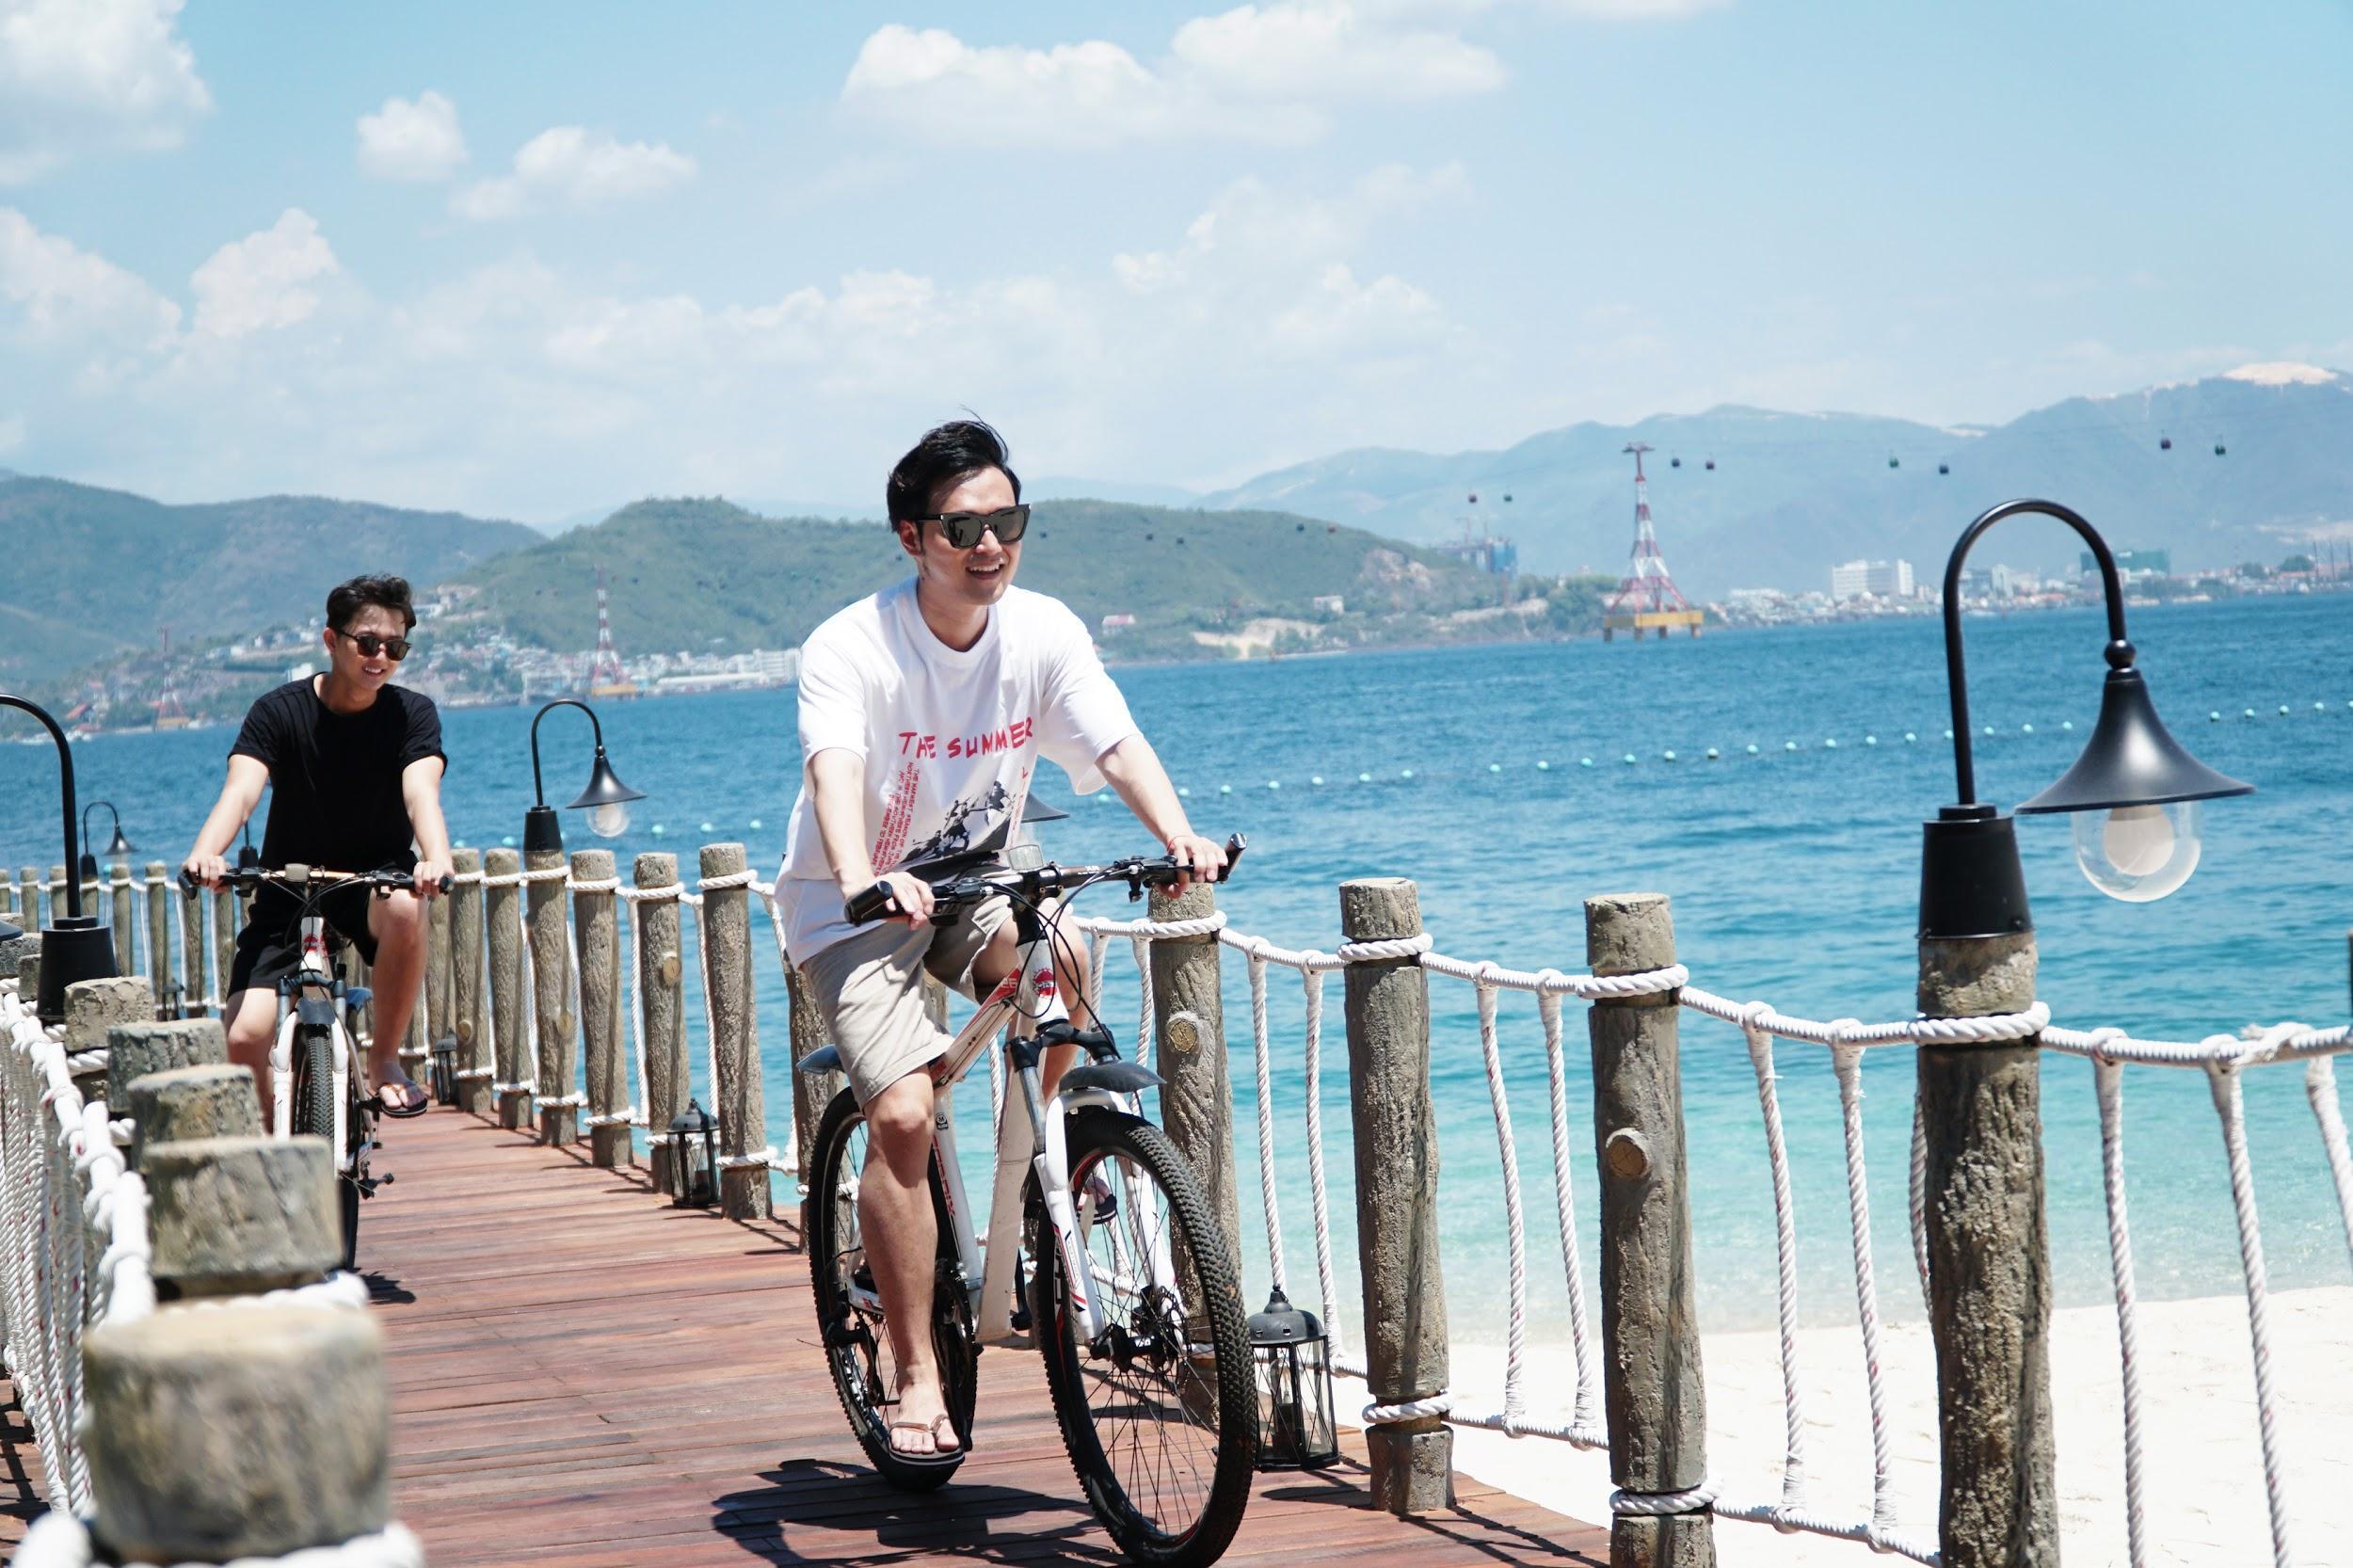 Xem review mới trên Quang Vinh Passport, chỉ muốn đi Nha Trang ngay cho kịp hè! - Ảnh 5.